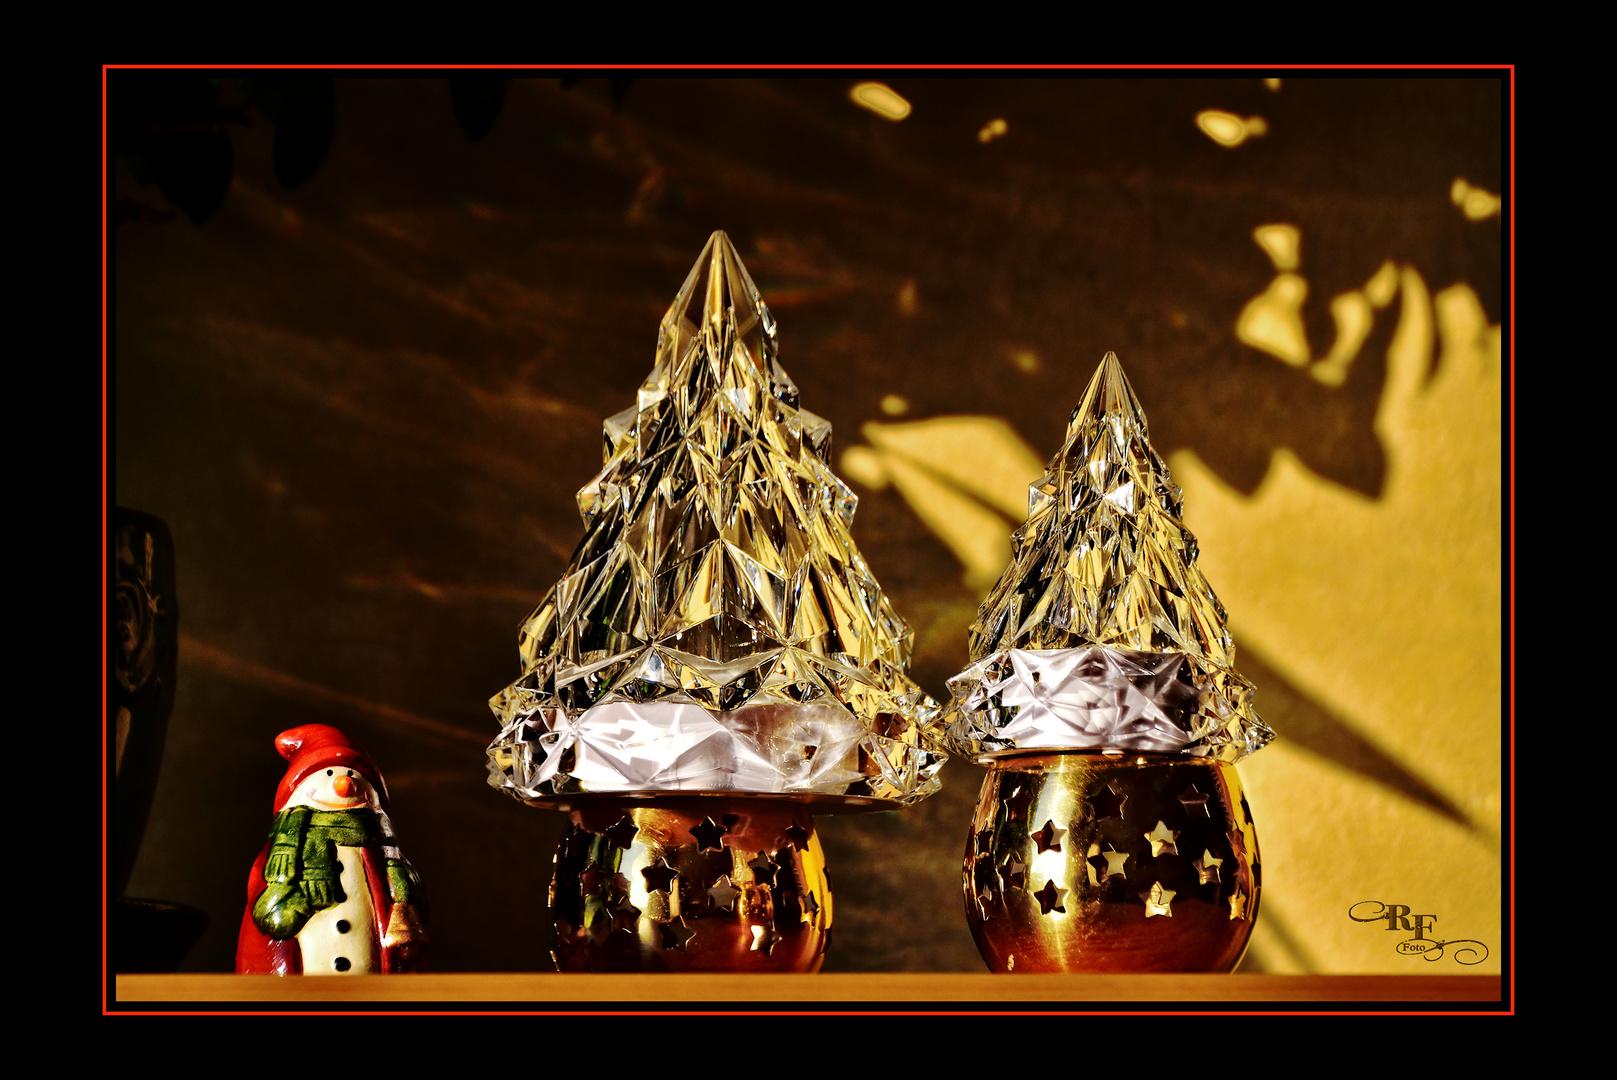 Wenn Weihnachtsbäume das Licht sammeln ...